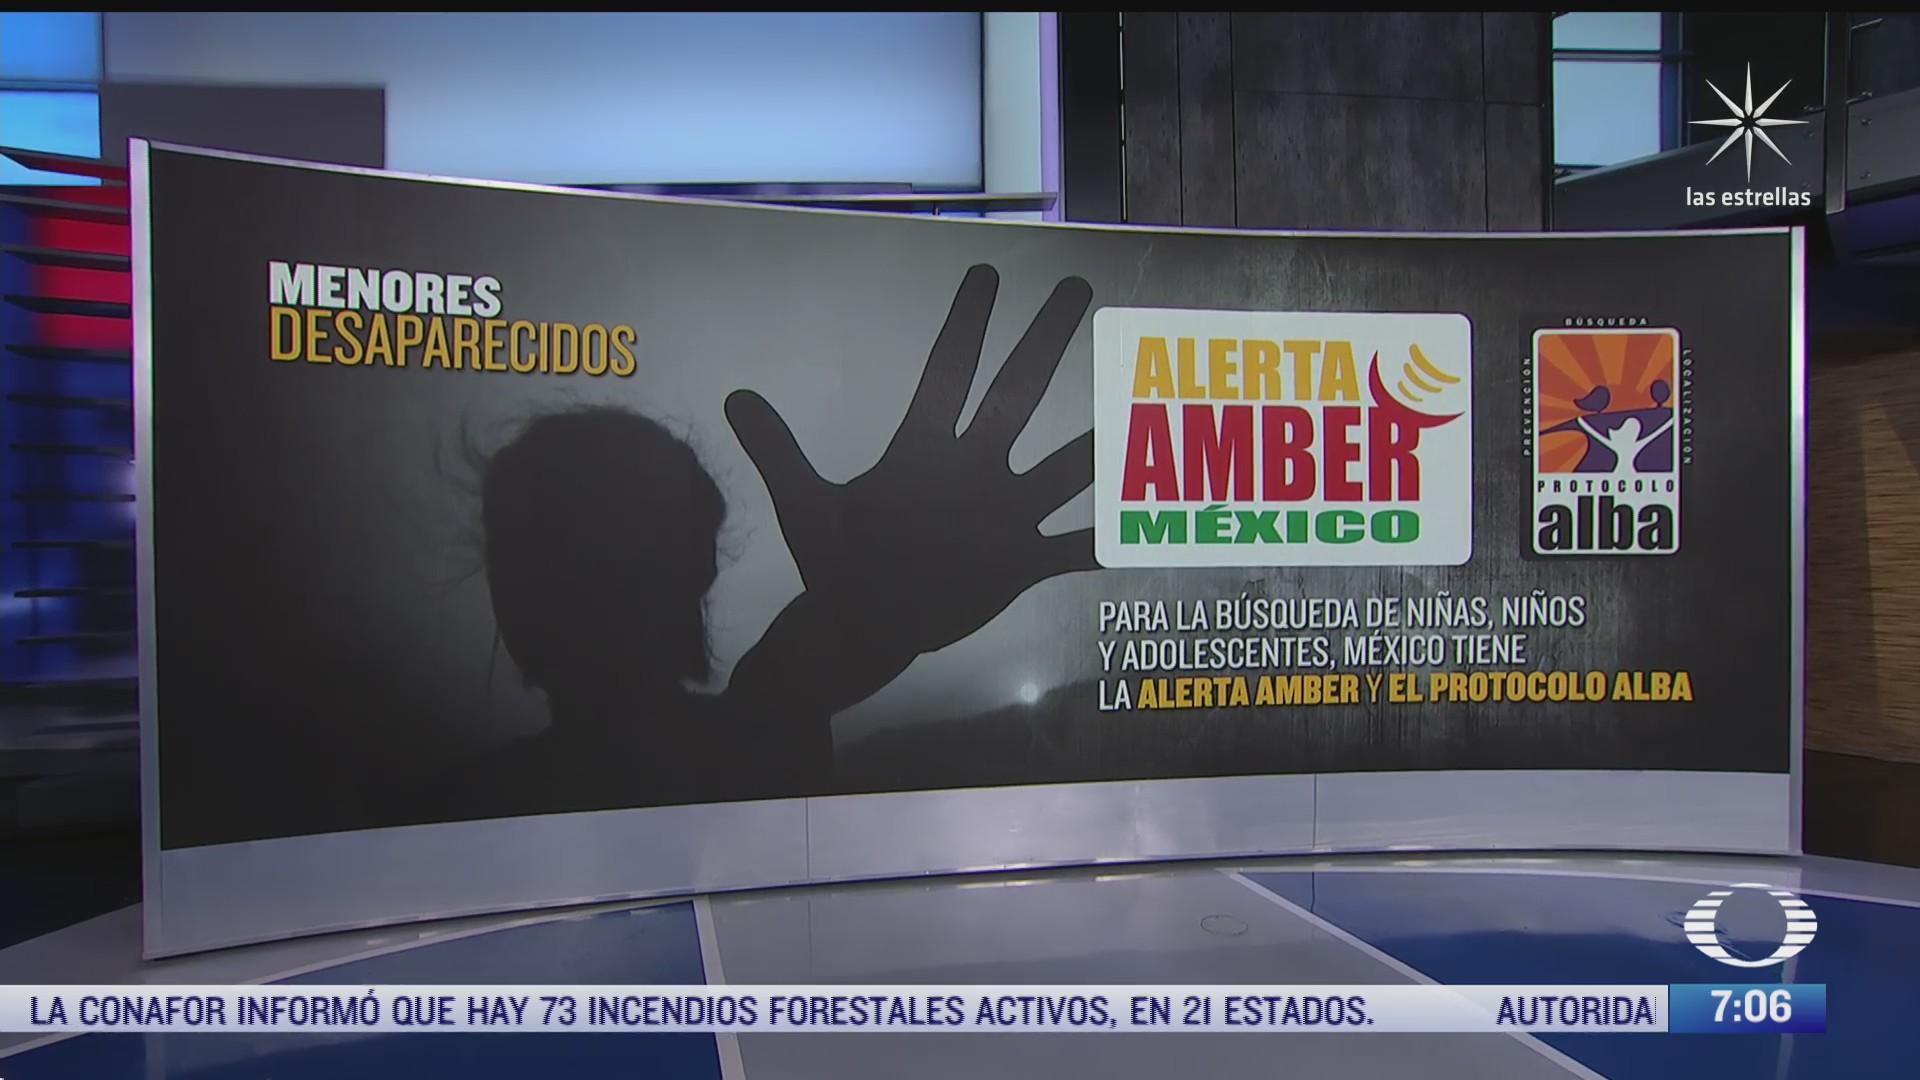 como funciona el nuevo protocolo de busqueda de ninos desparecidos en mexico